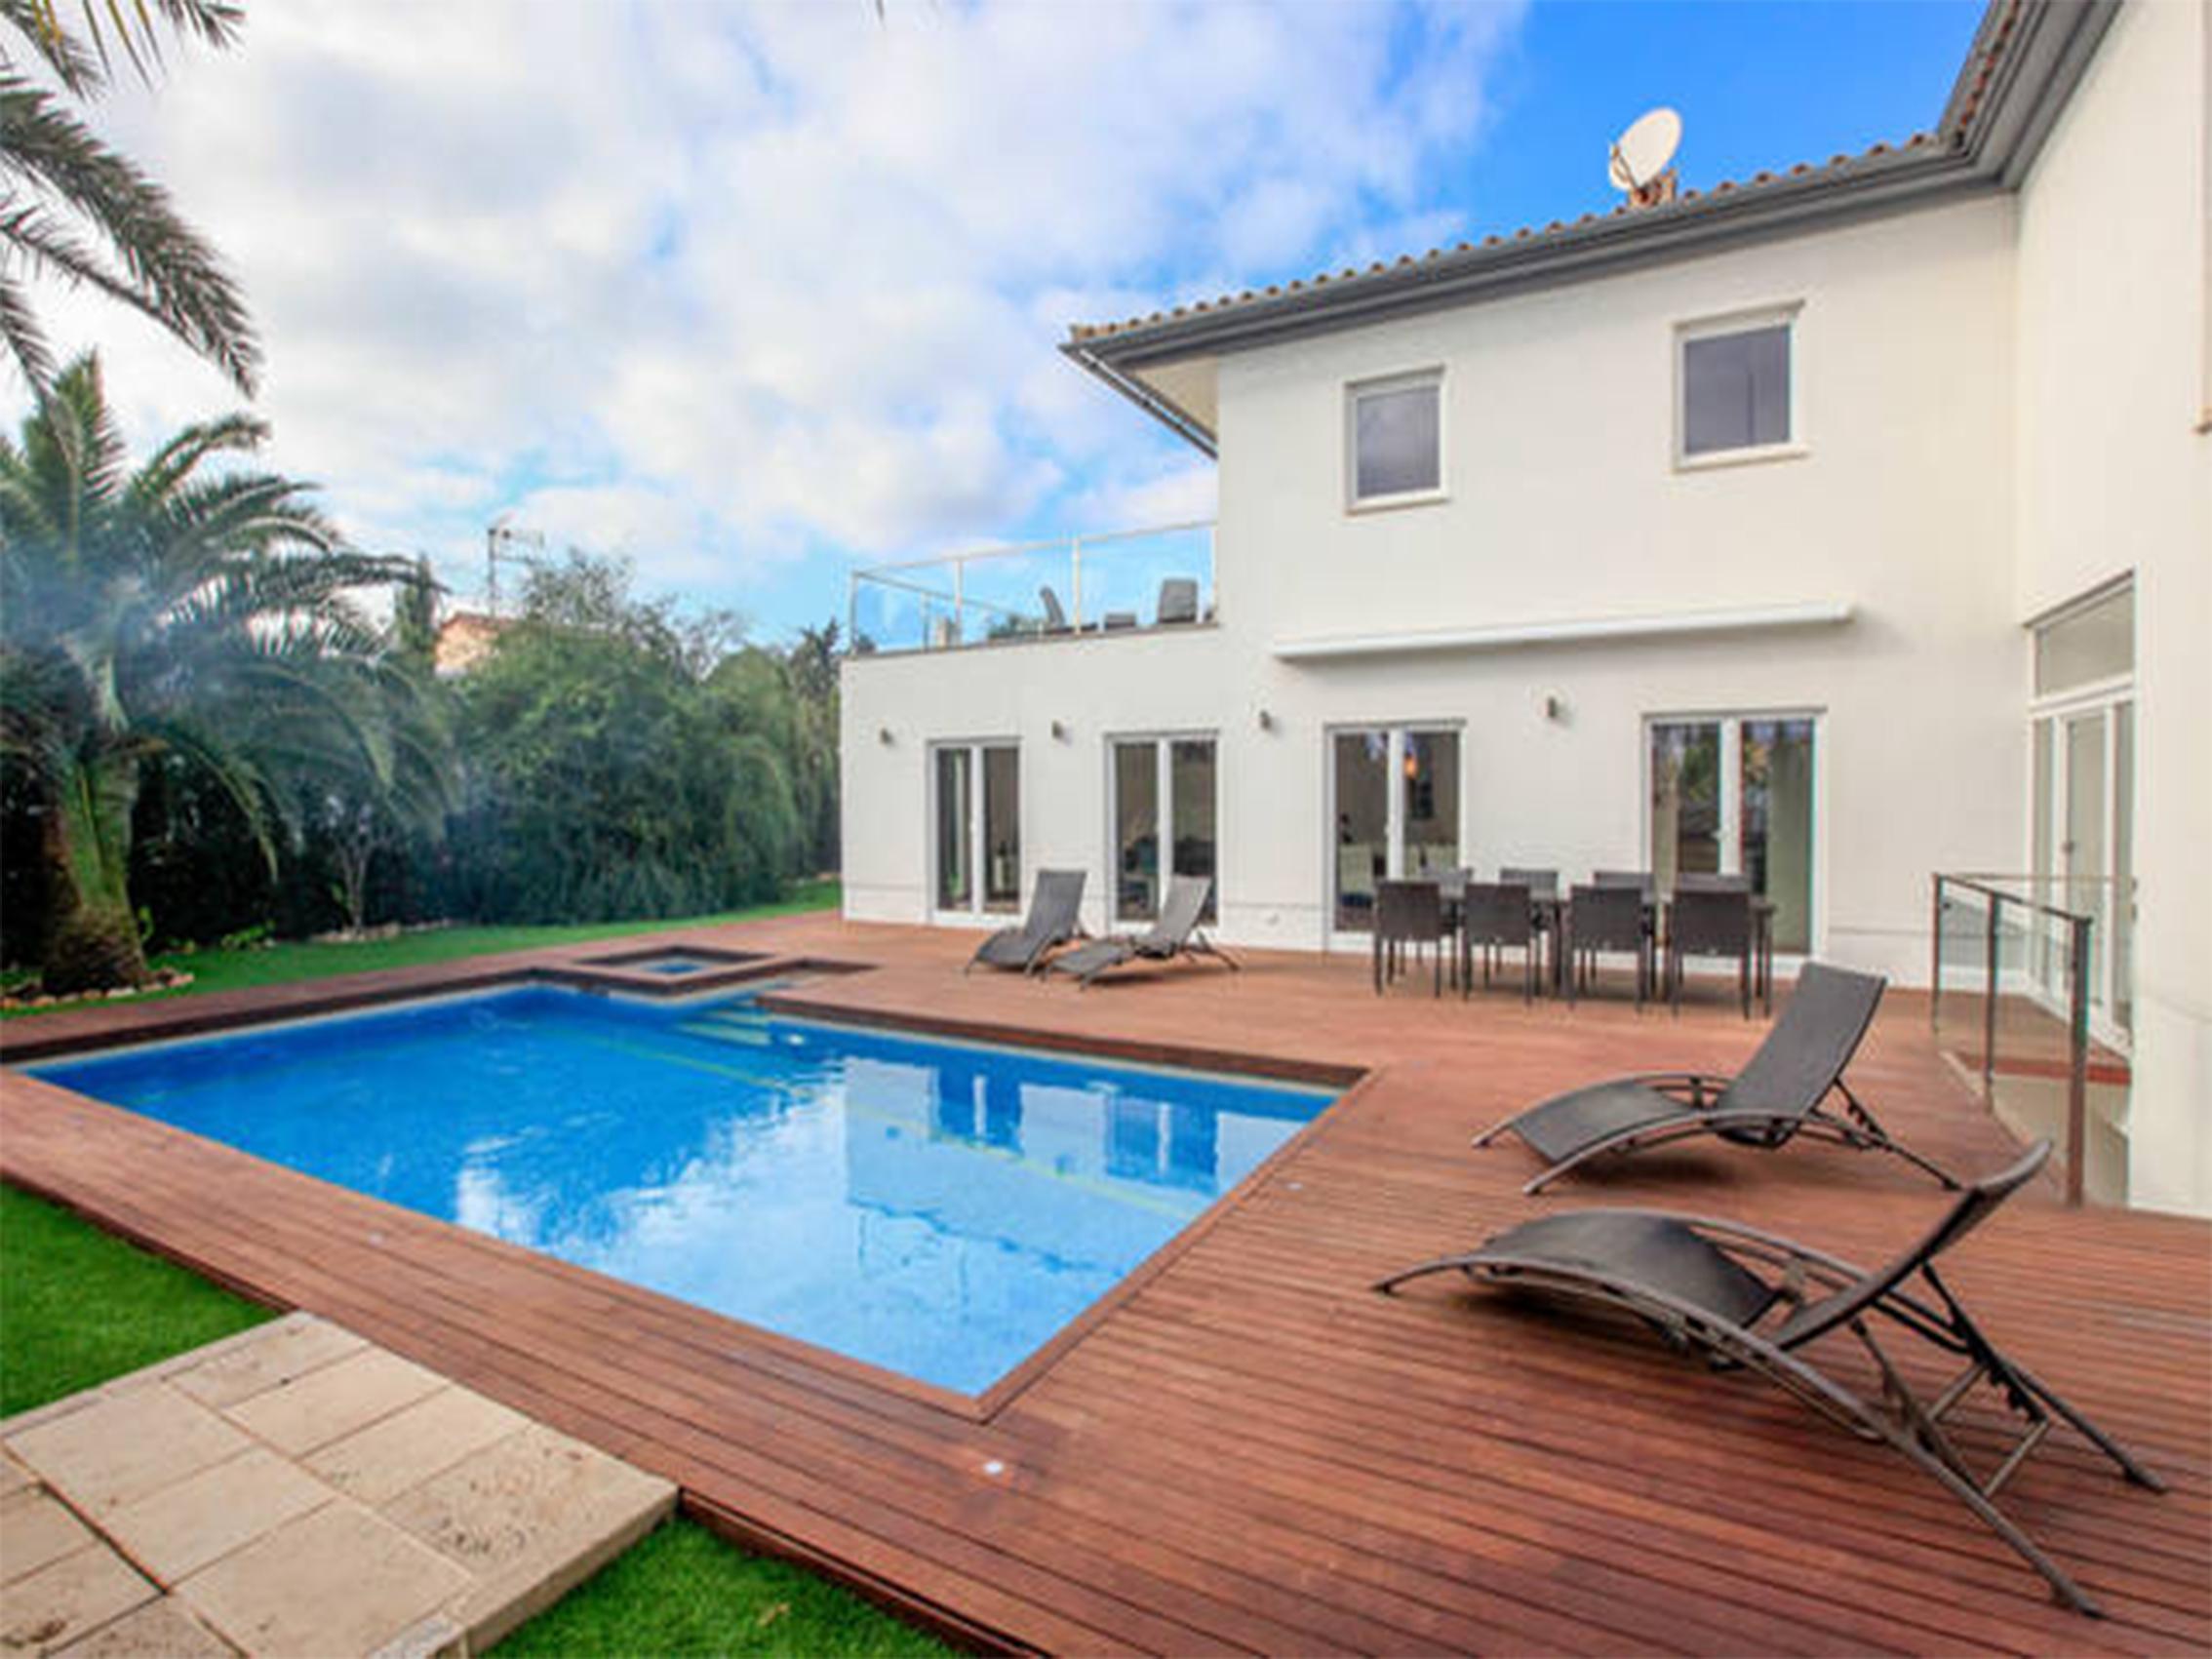 Летняя аренда дома с бассейном в Сантаньи, Майорка